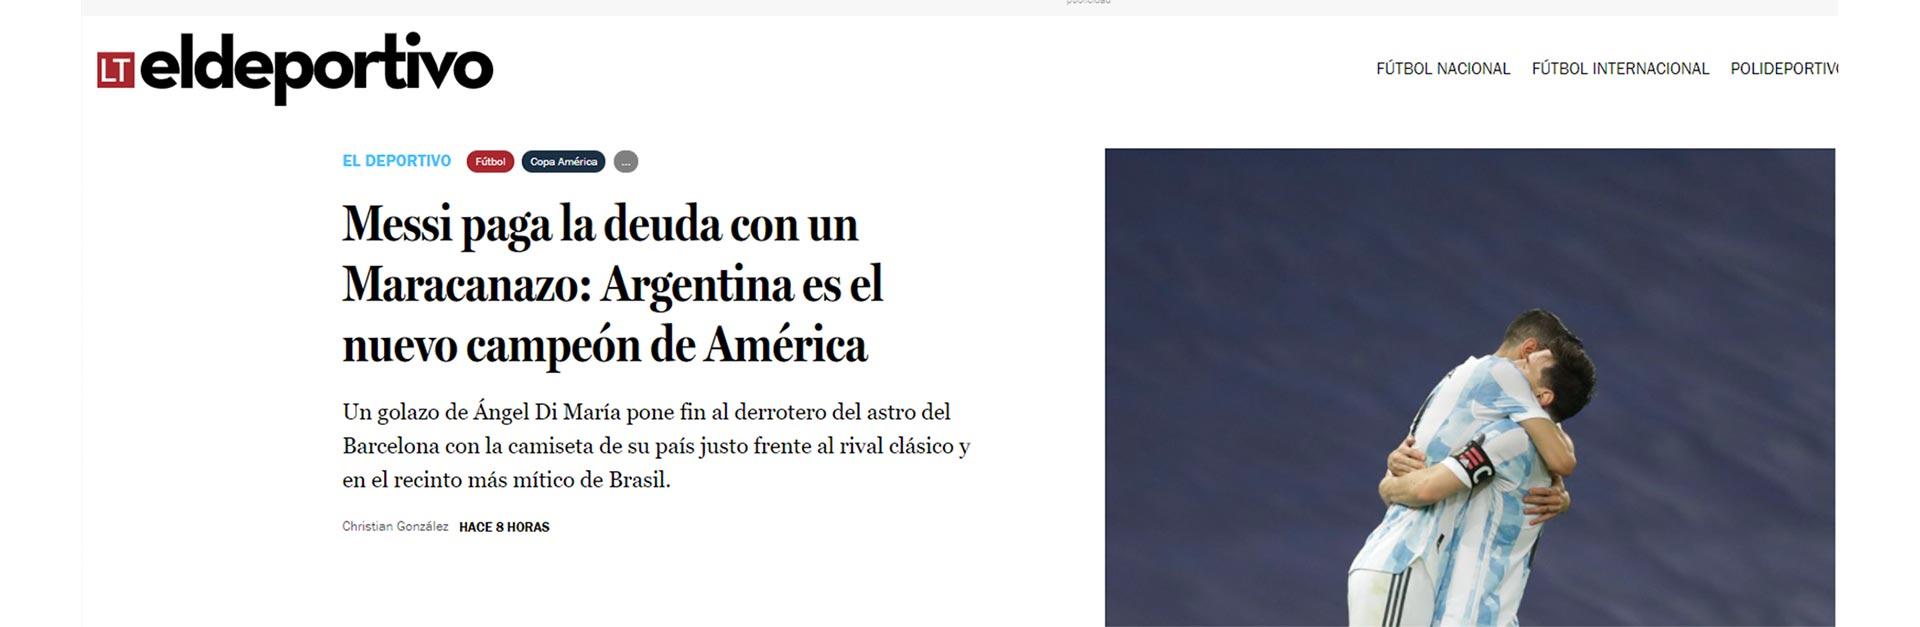 El Deportivo (Chile)